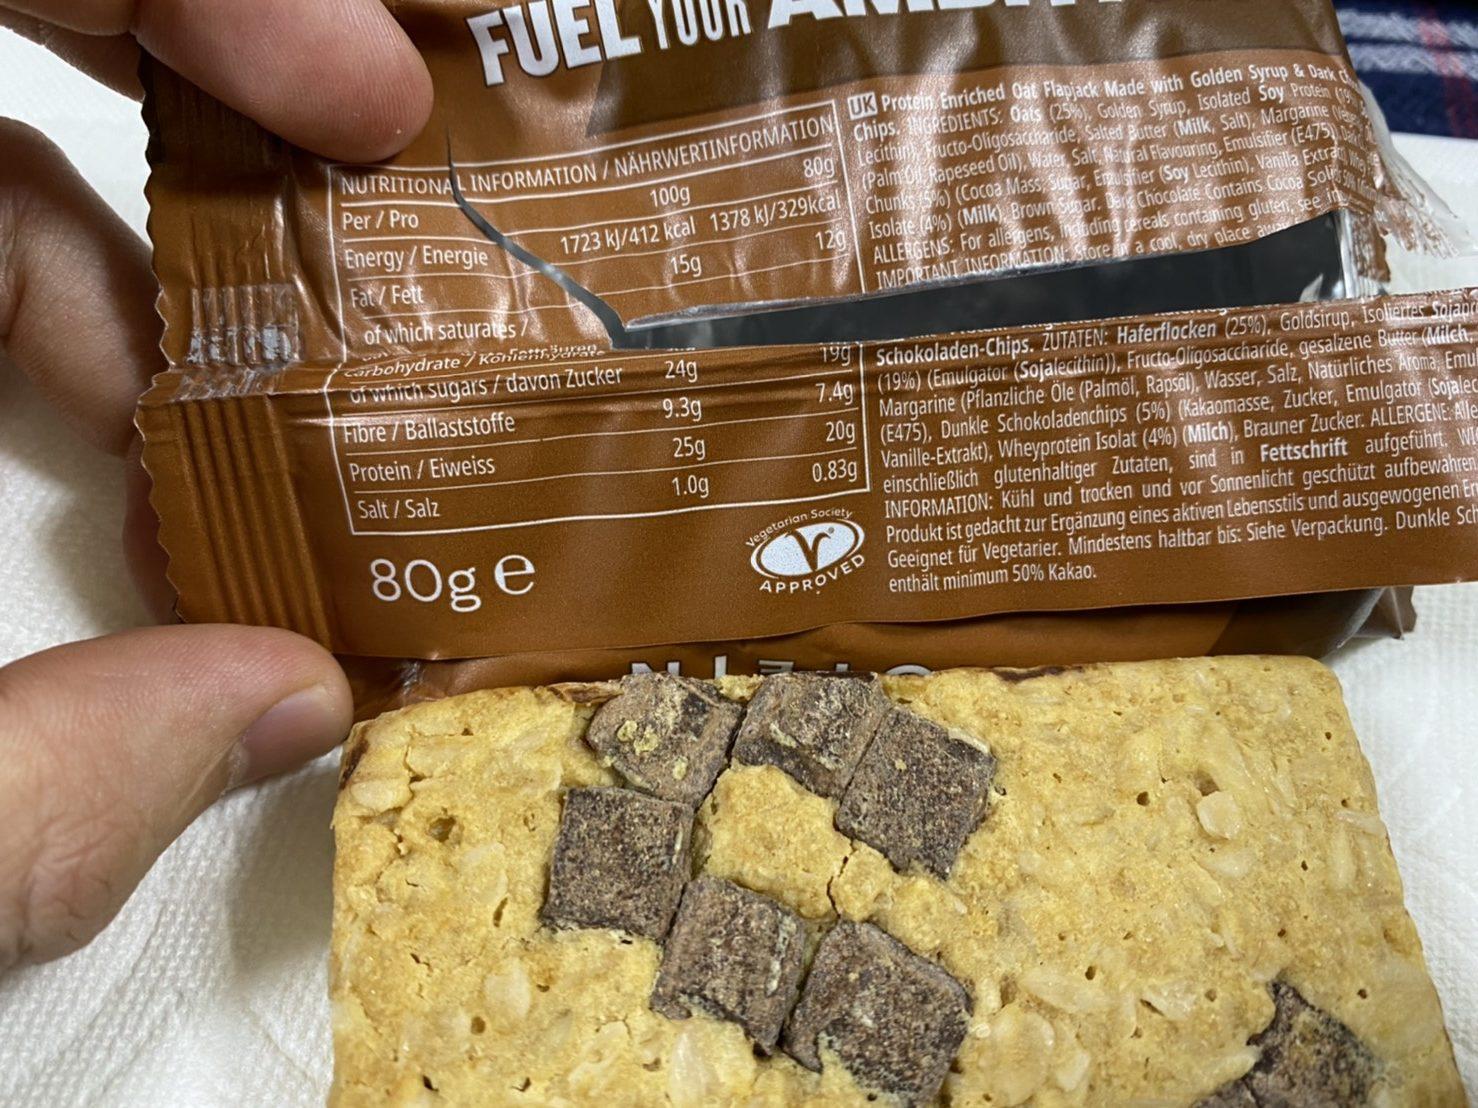 プロテインフラップジャック:チョコレート味